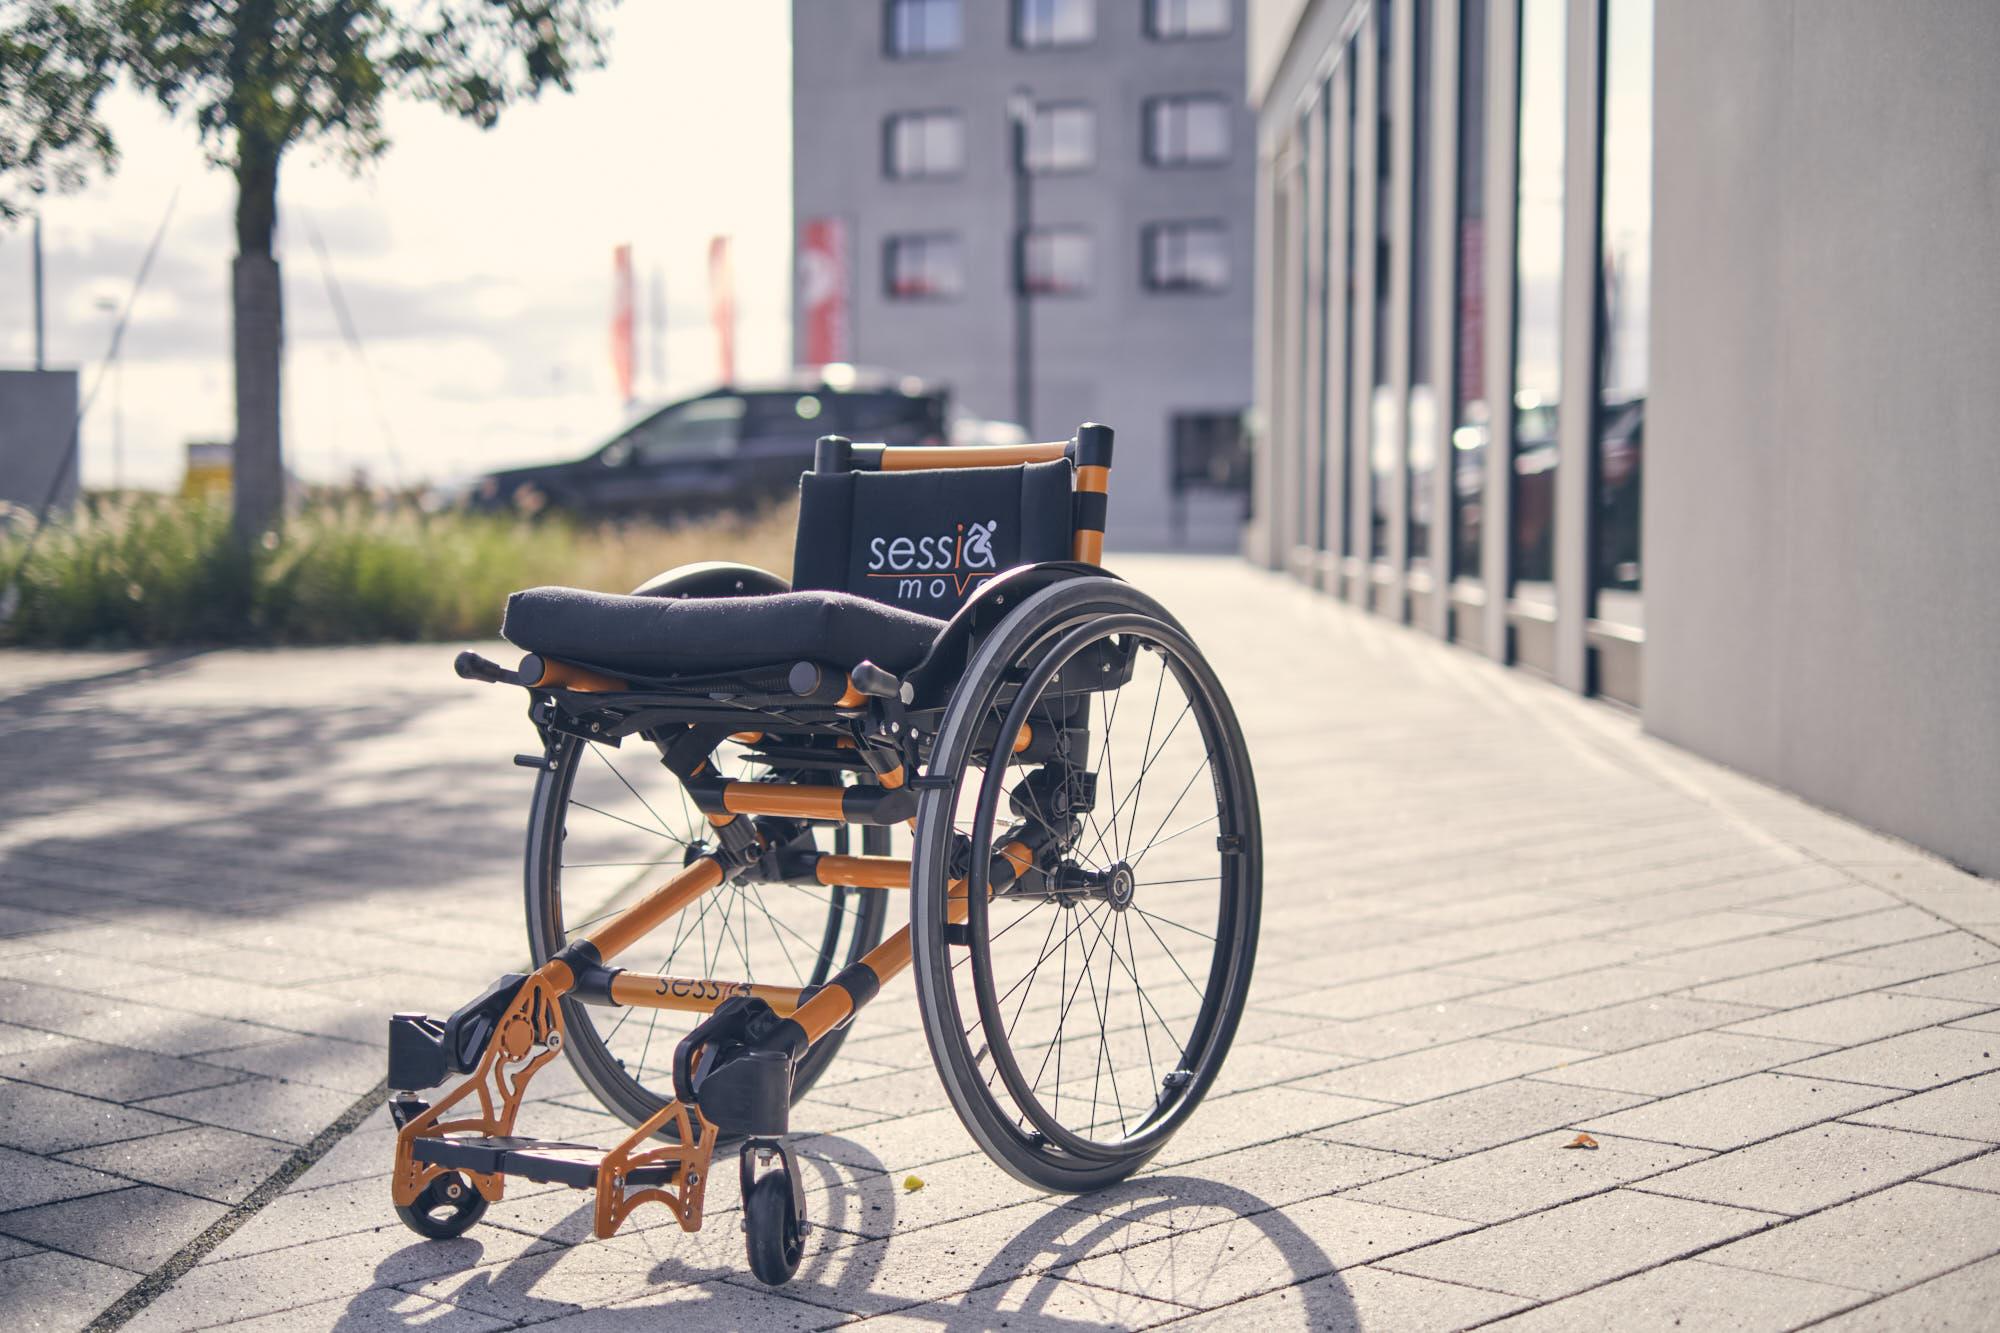 Sessio Aktivrollstuhl NHD GmbH